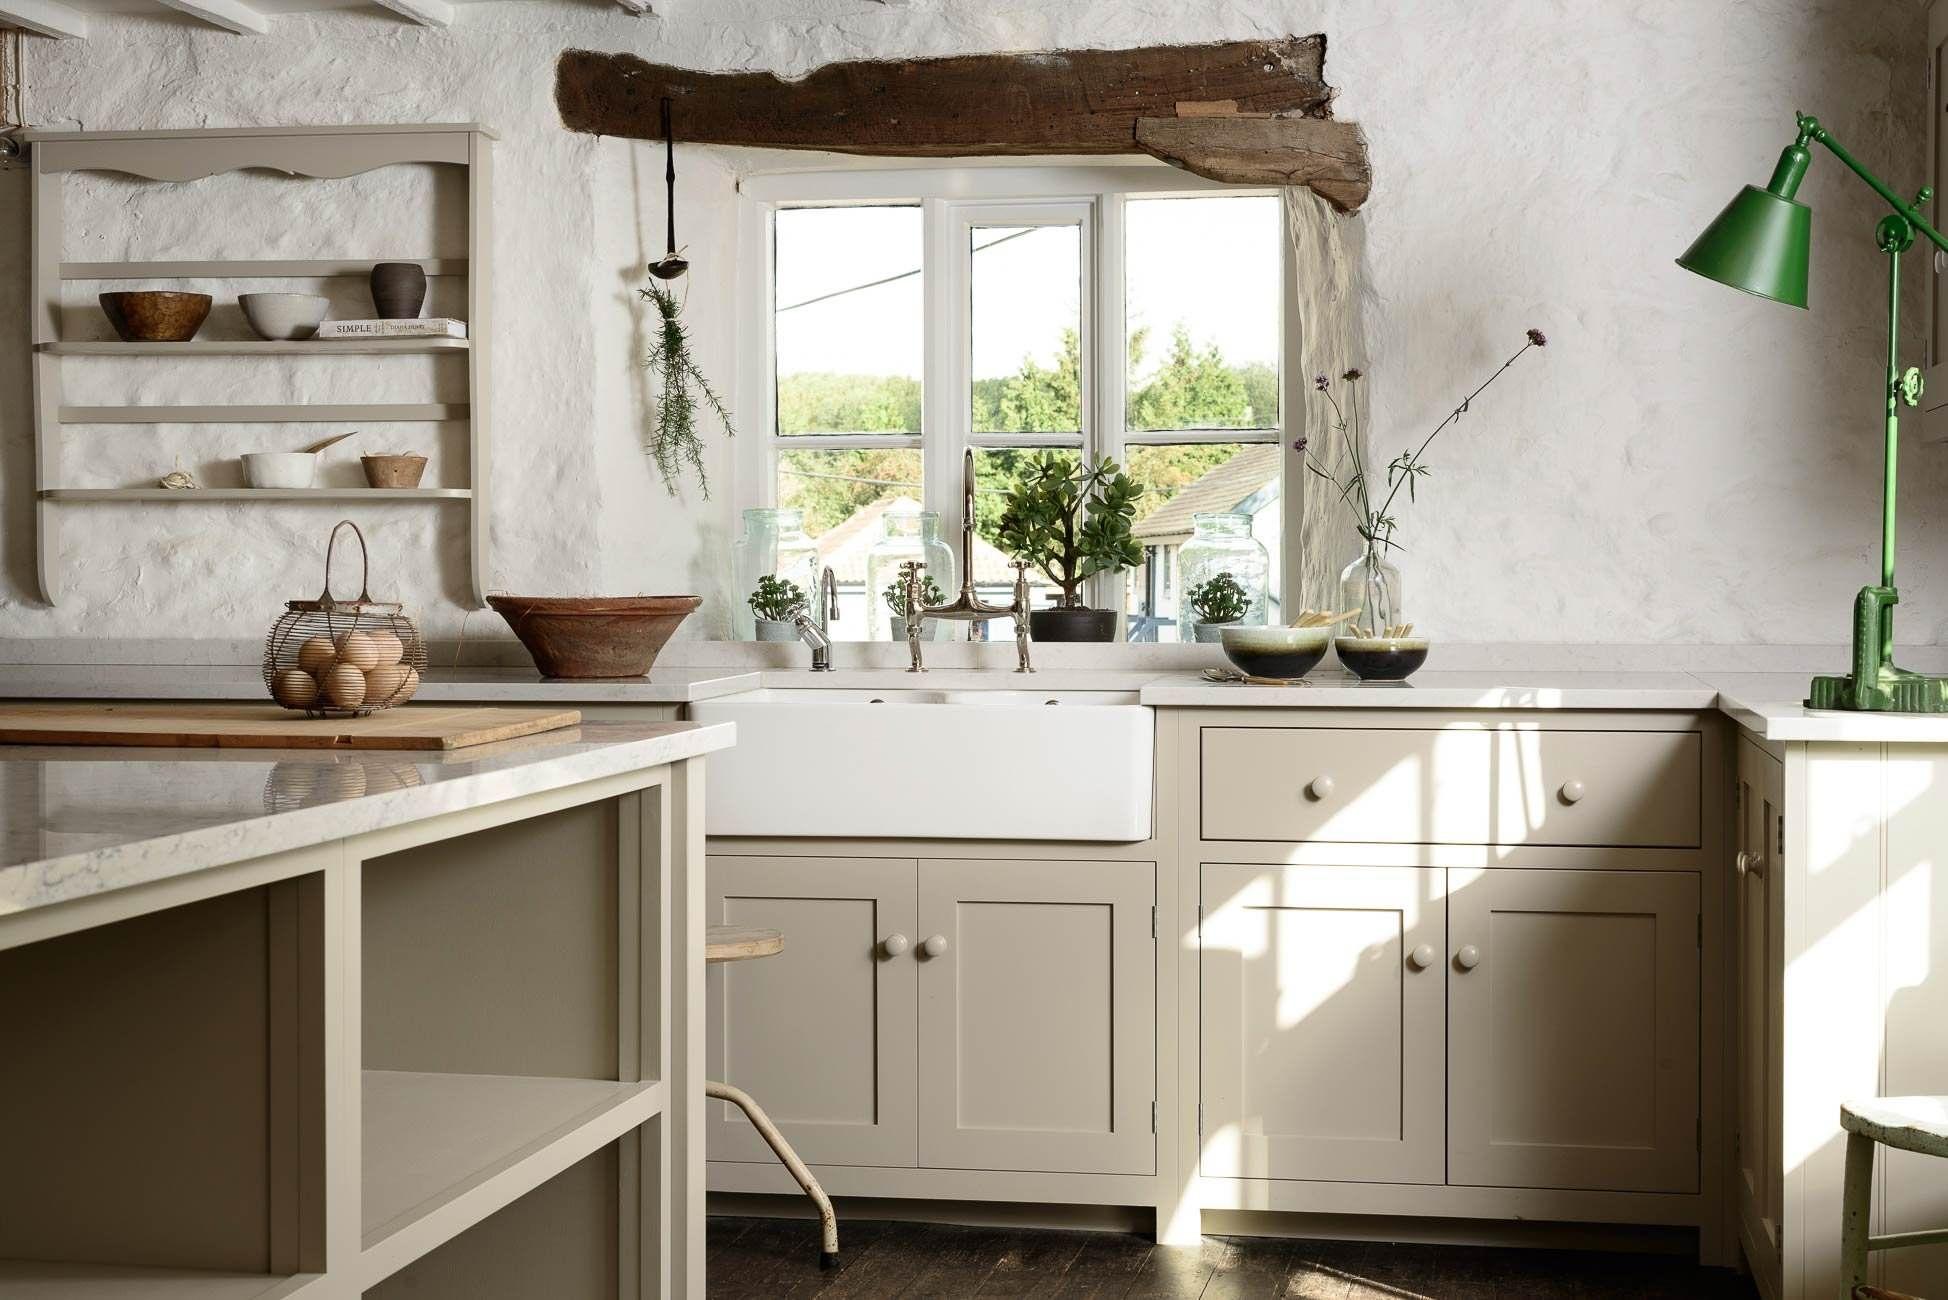 Encantador Cocinas Shaker Clapham Patrón - Ideas de Decoración de ...